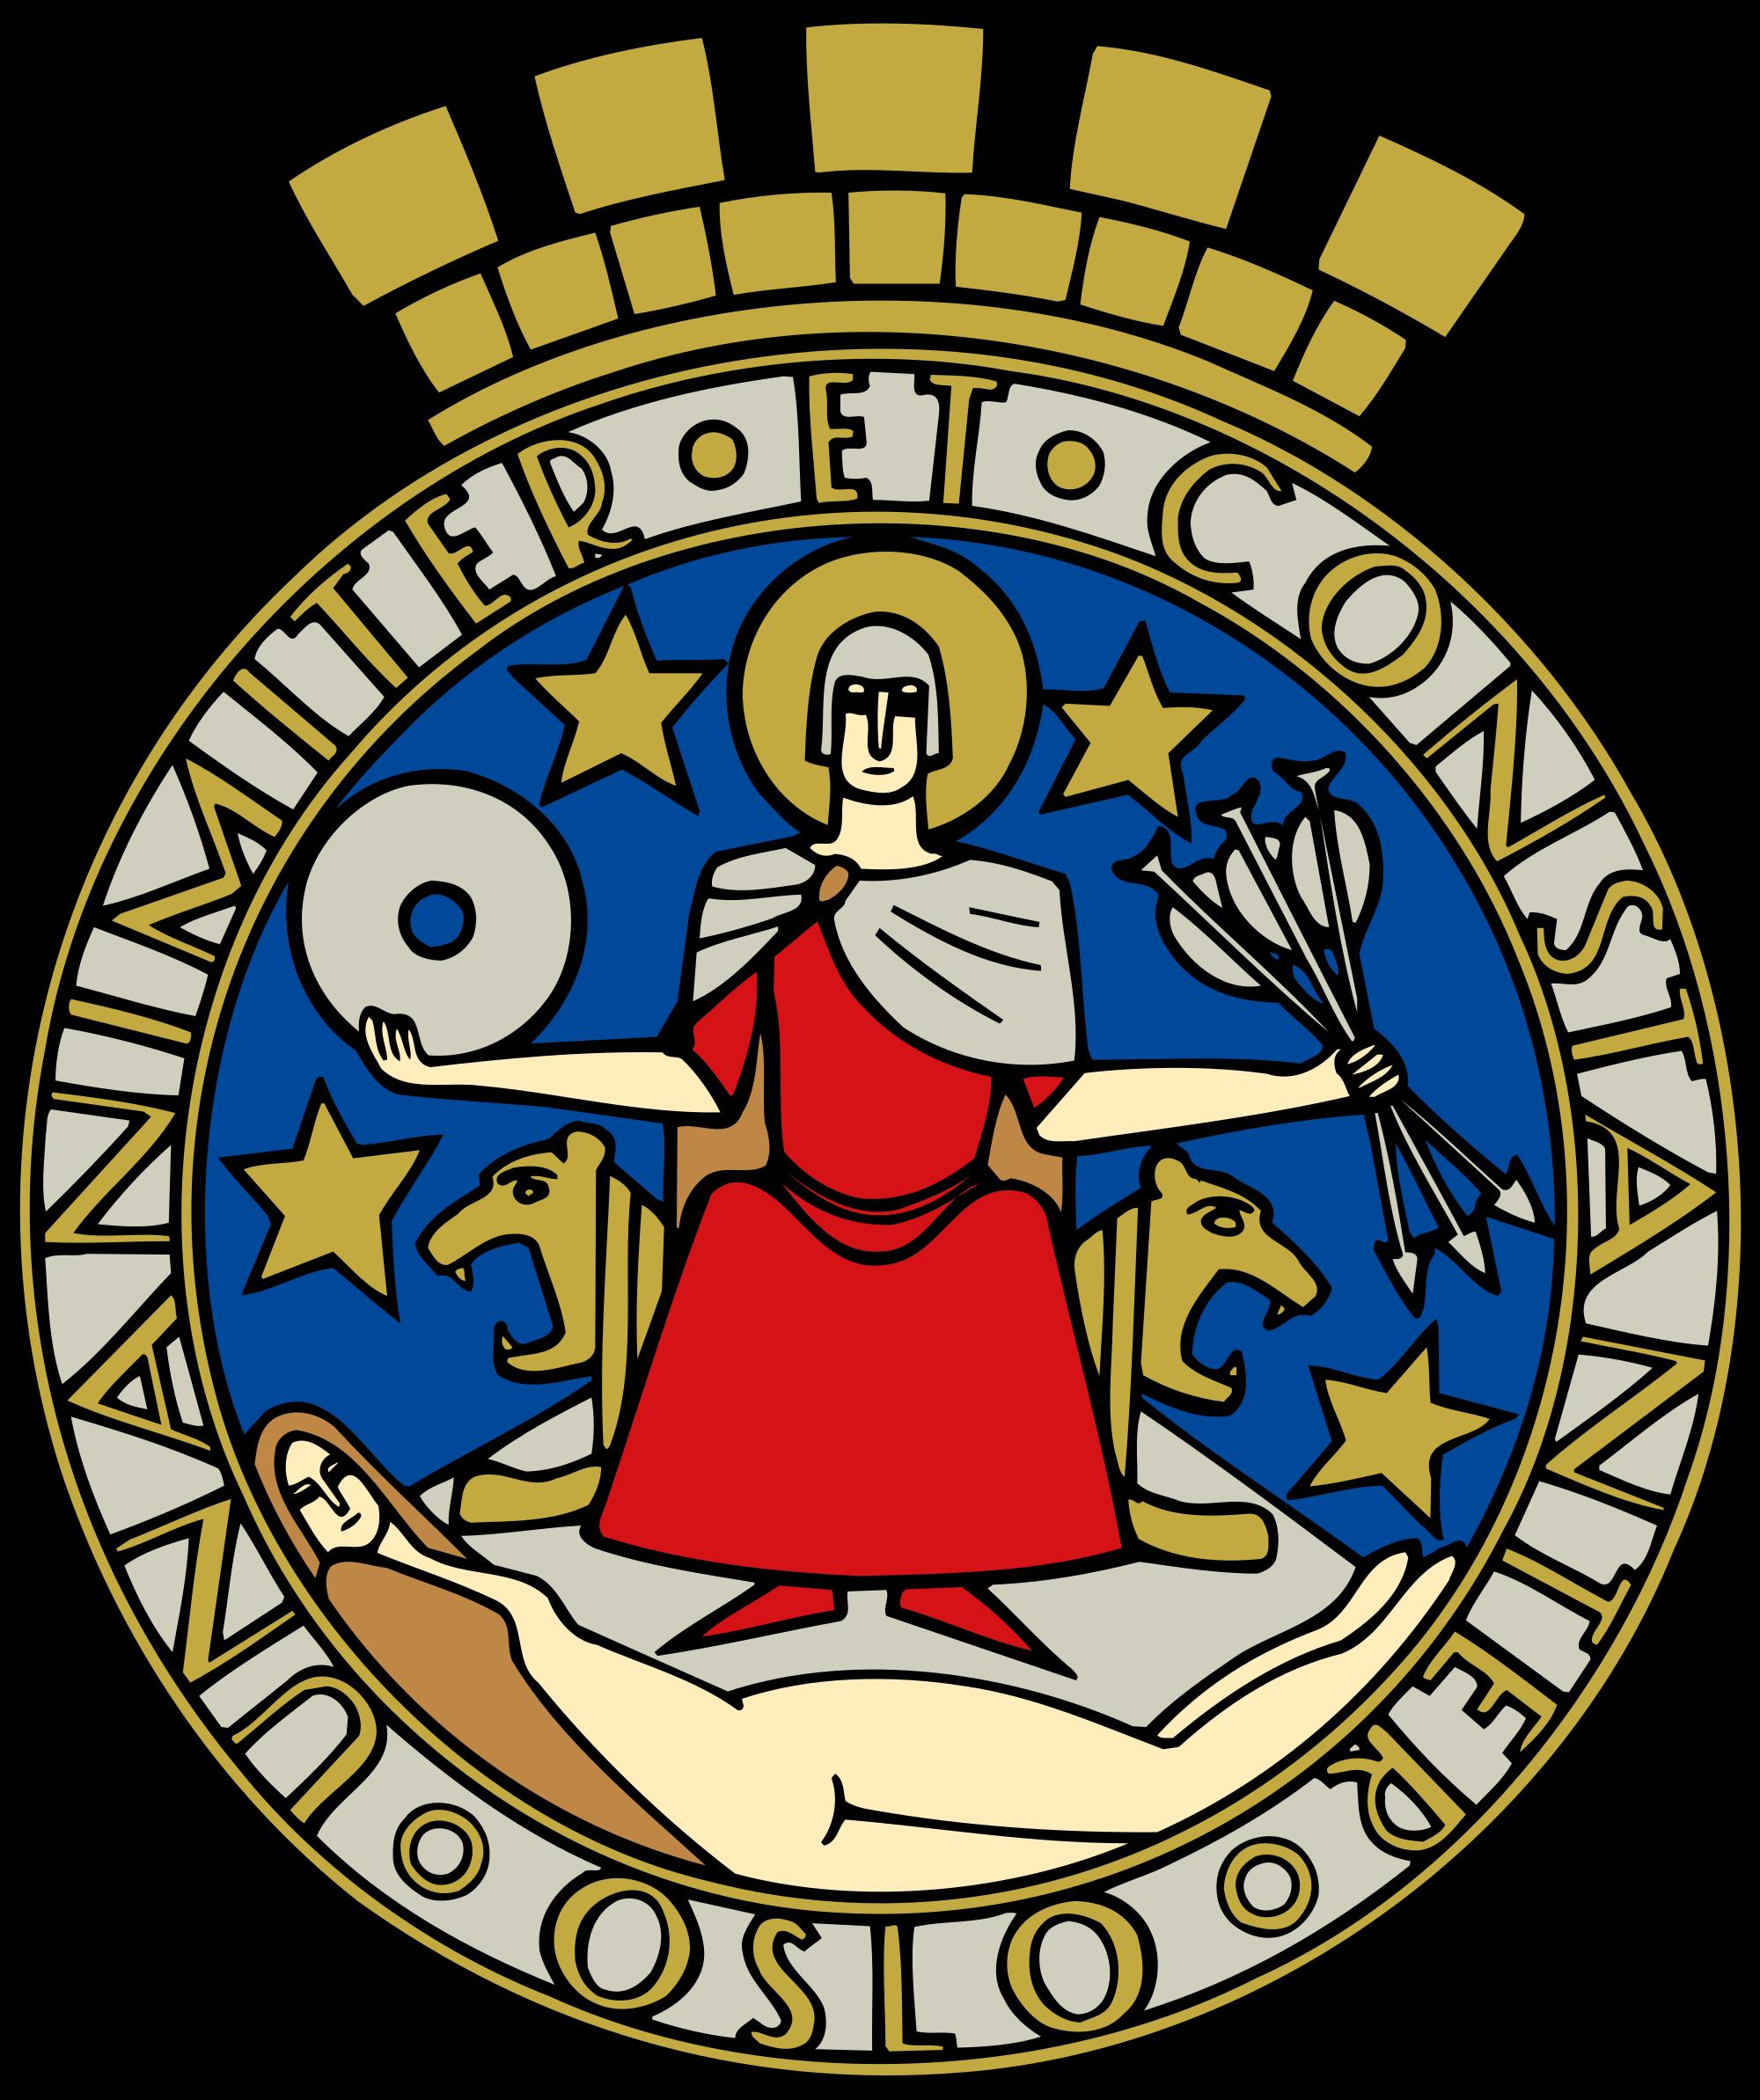 Oslo Kommune logo.png